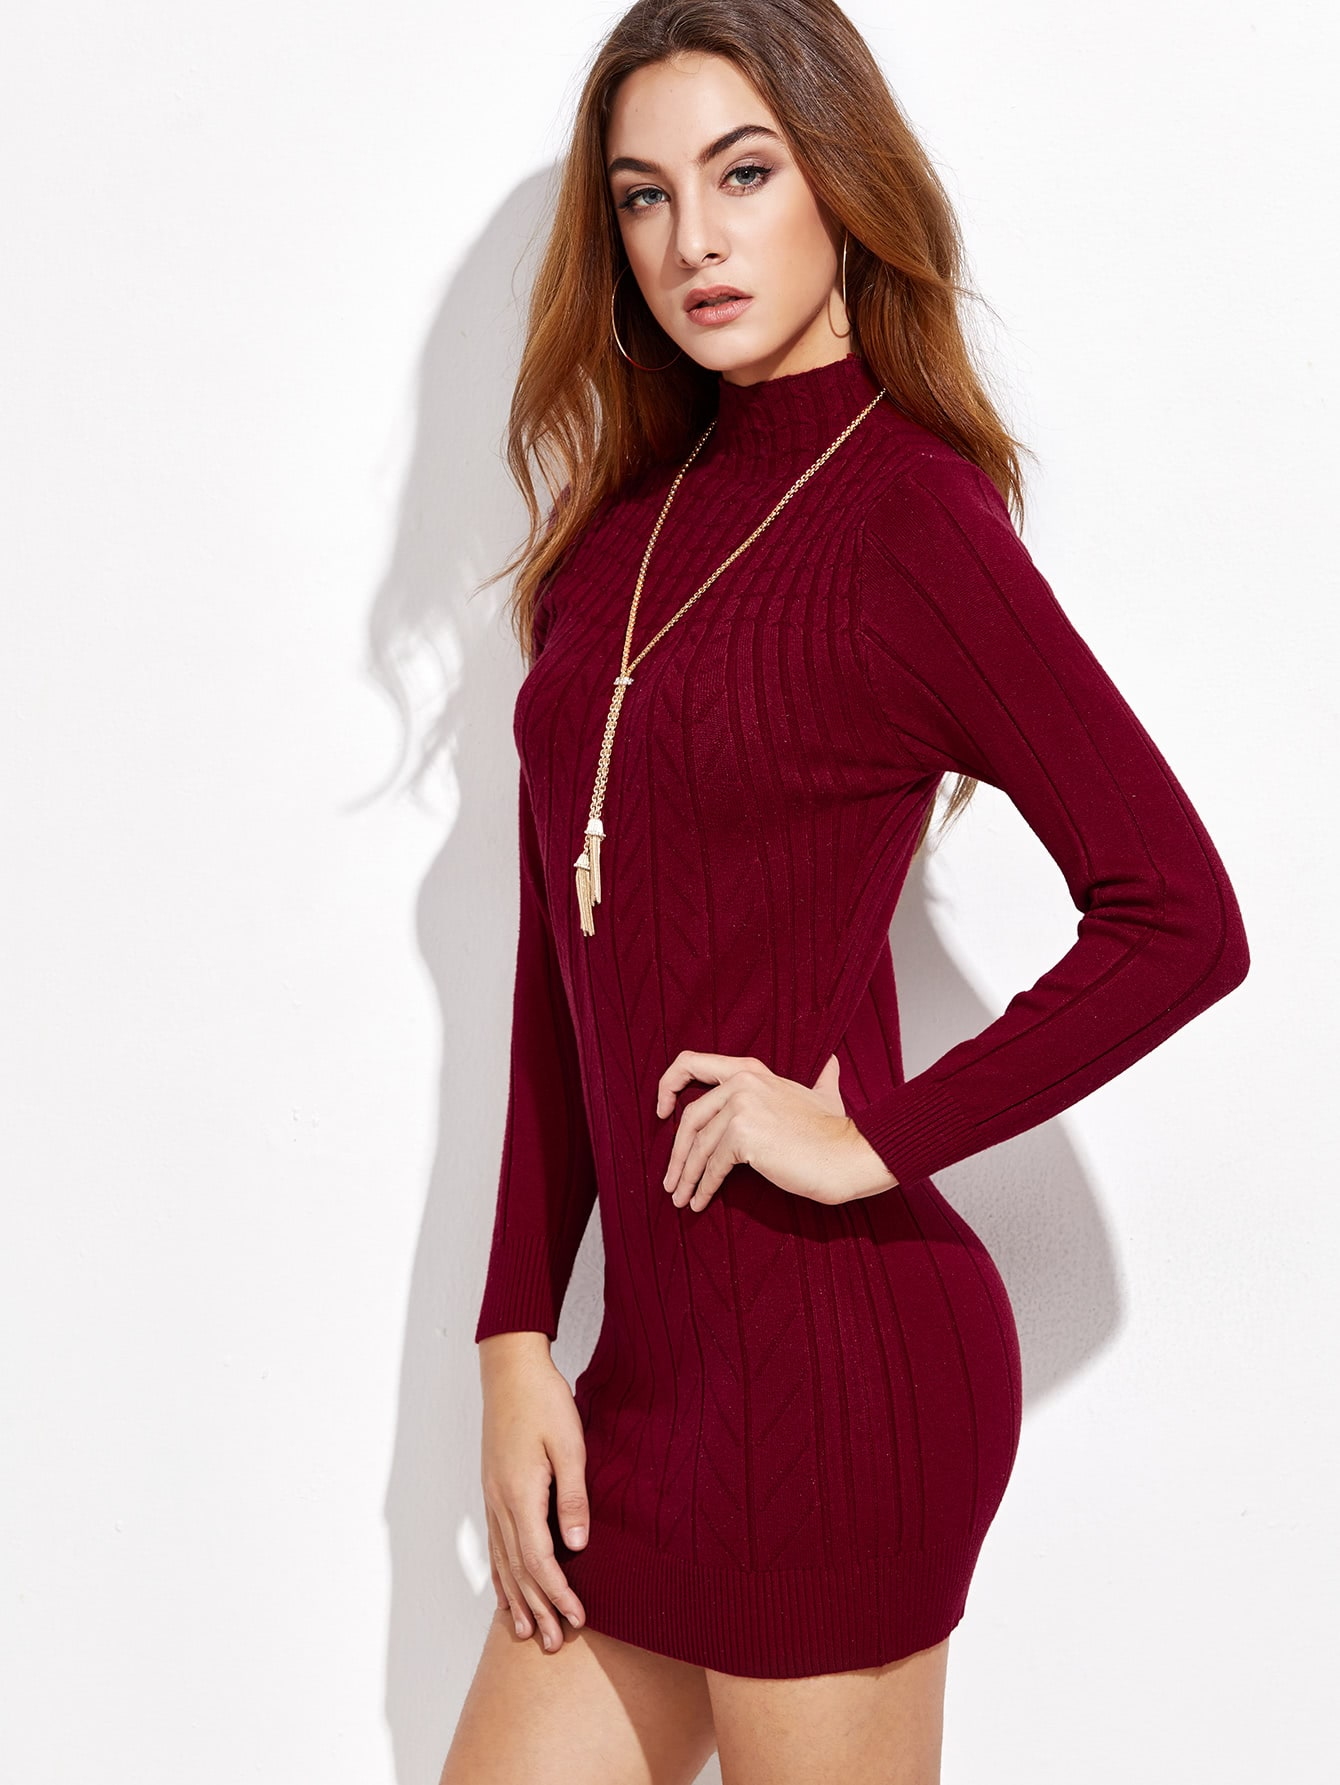 dress161006002_2